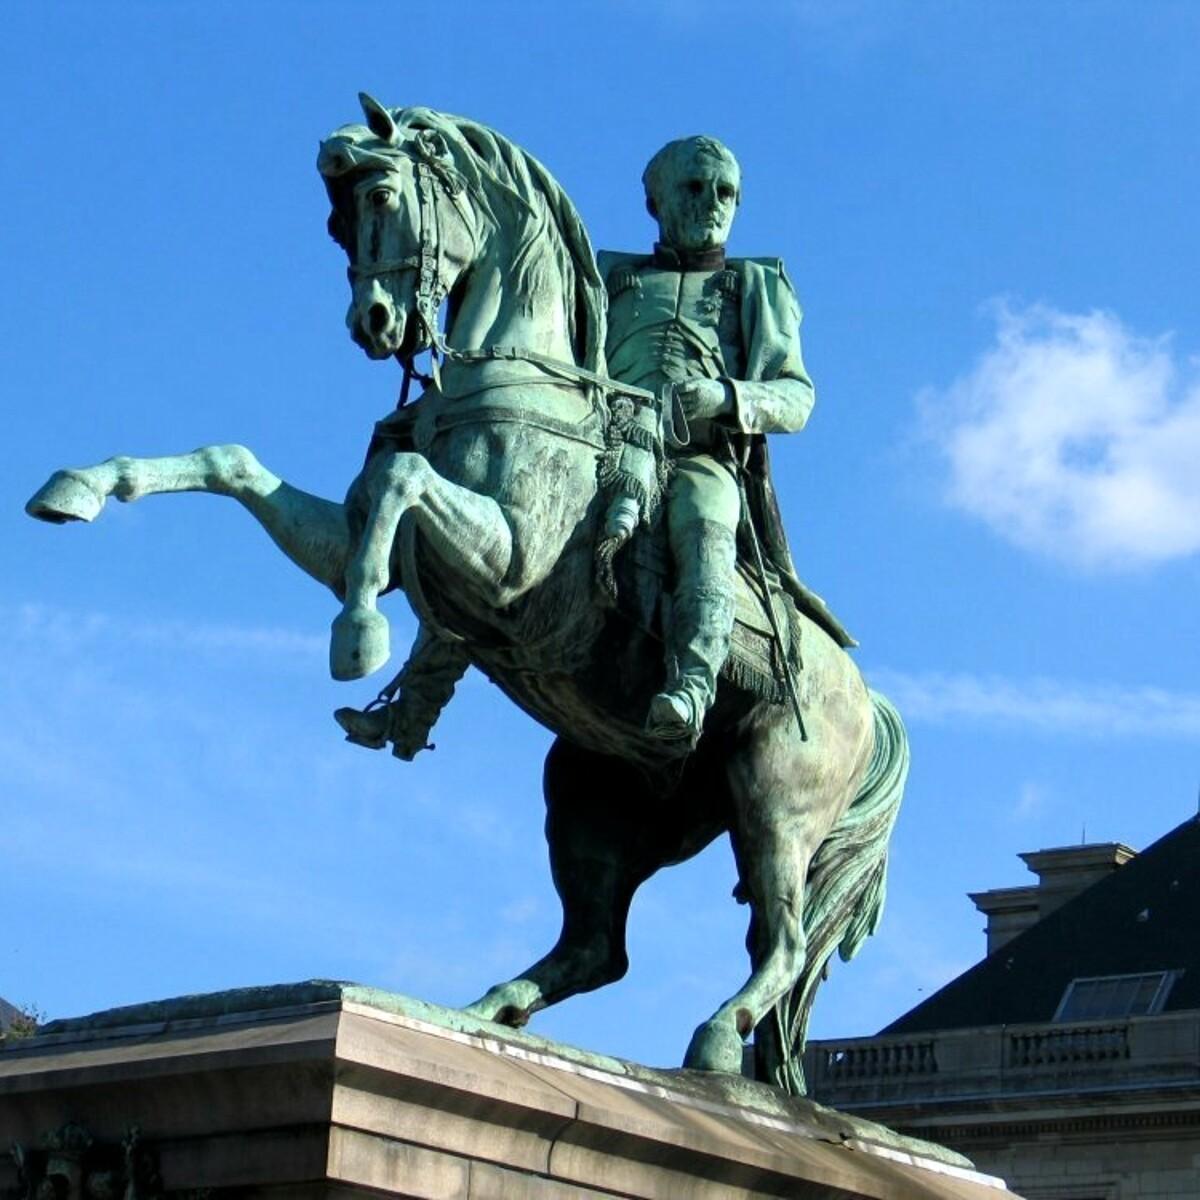 Una femminista al posto della statua di Napoleone: la proposta divide la Francia